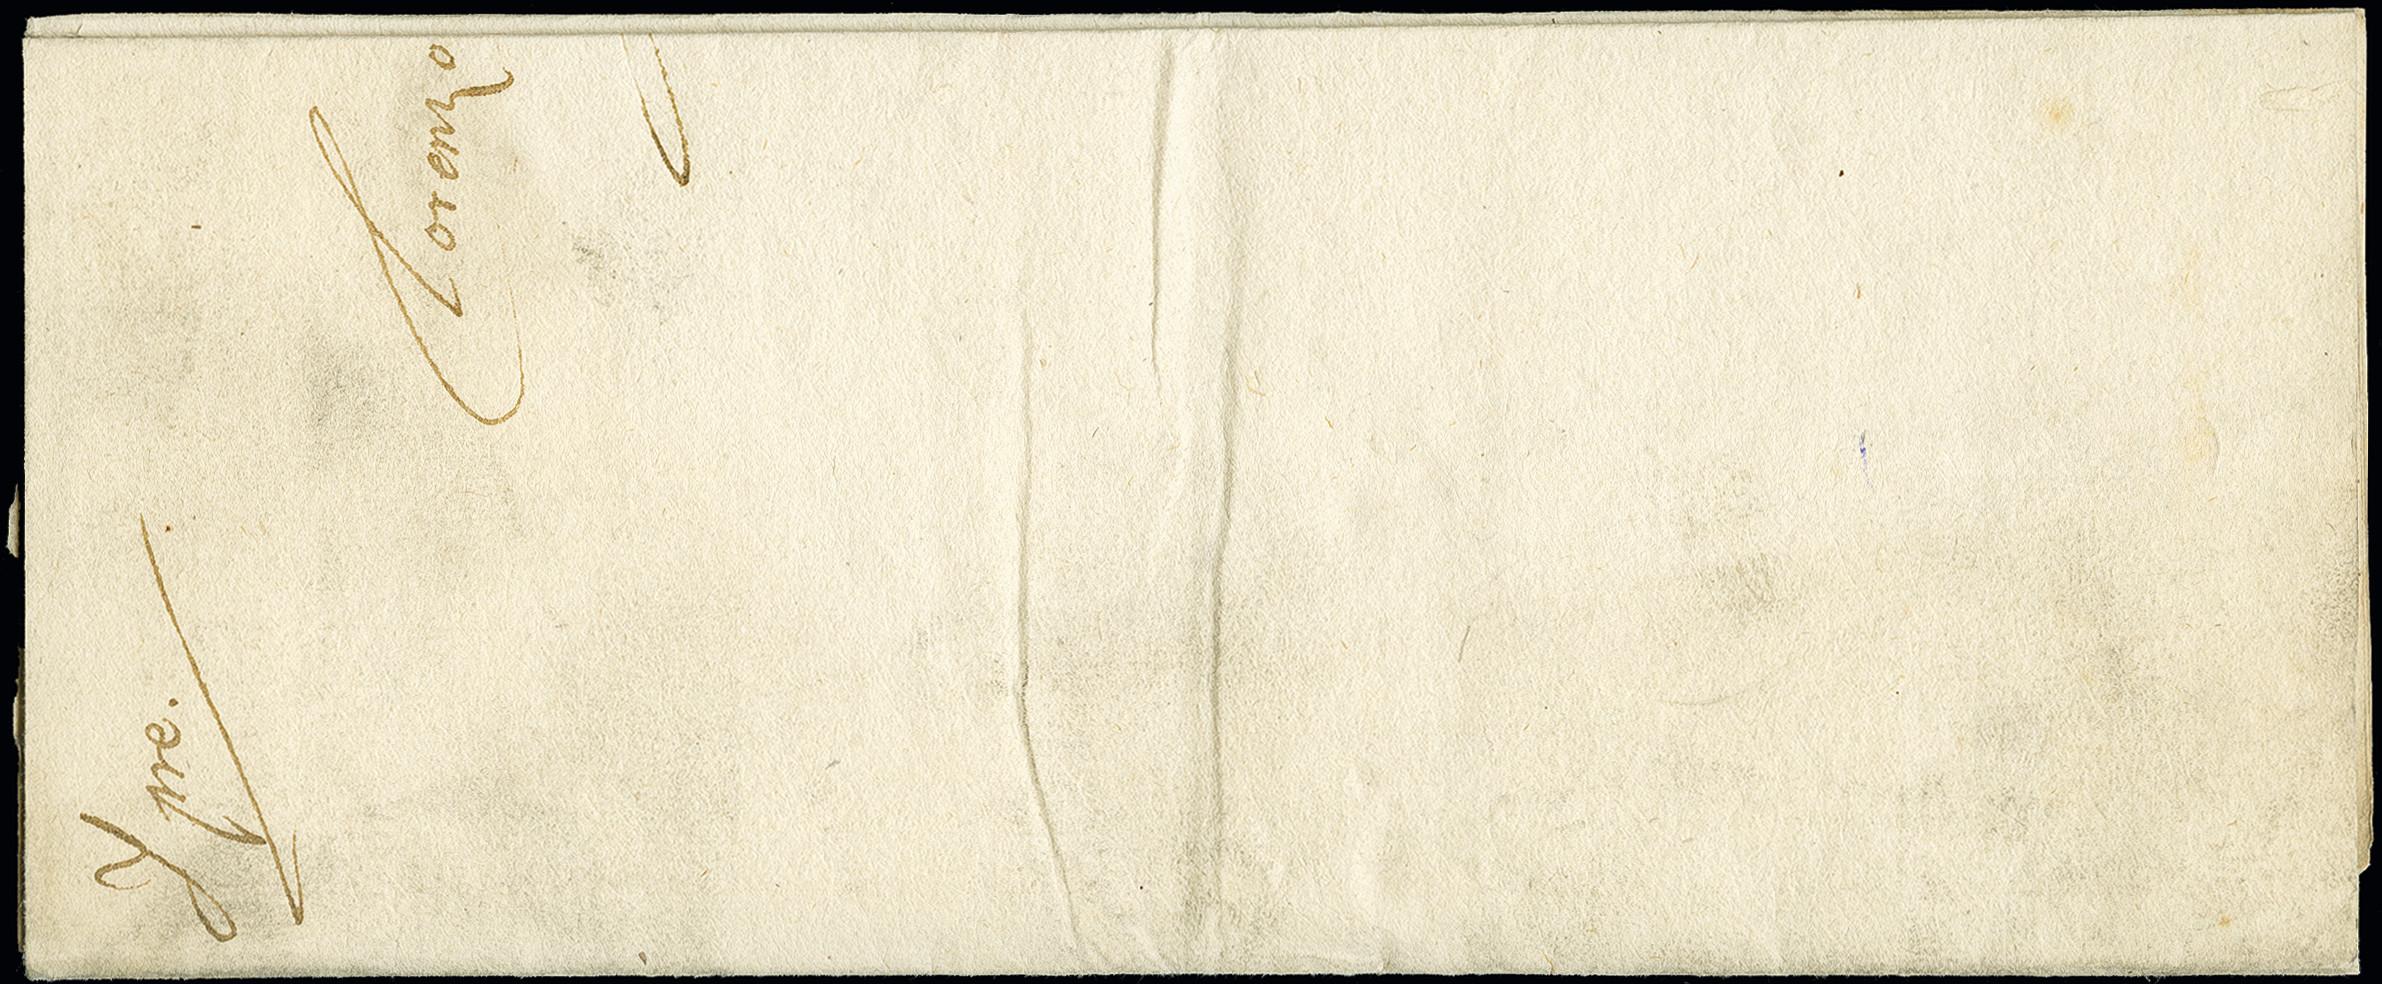 Lot 124 - europe Belgium -  Heinrich Koehler Auktionen Auction #368- Day 1